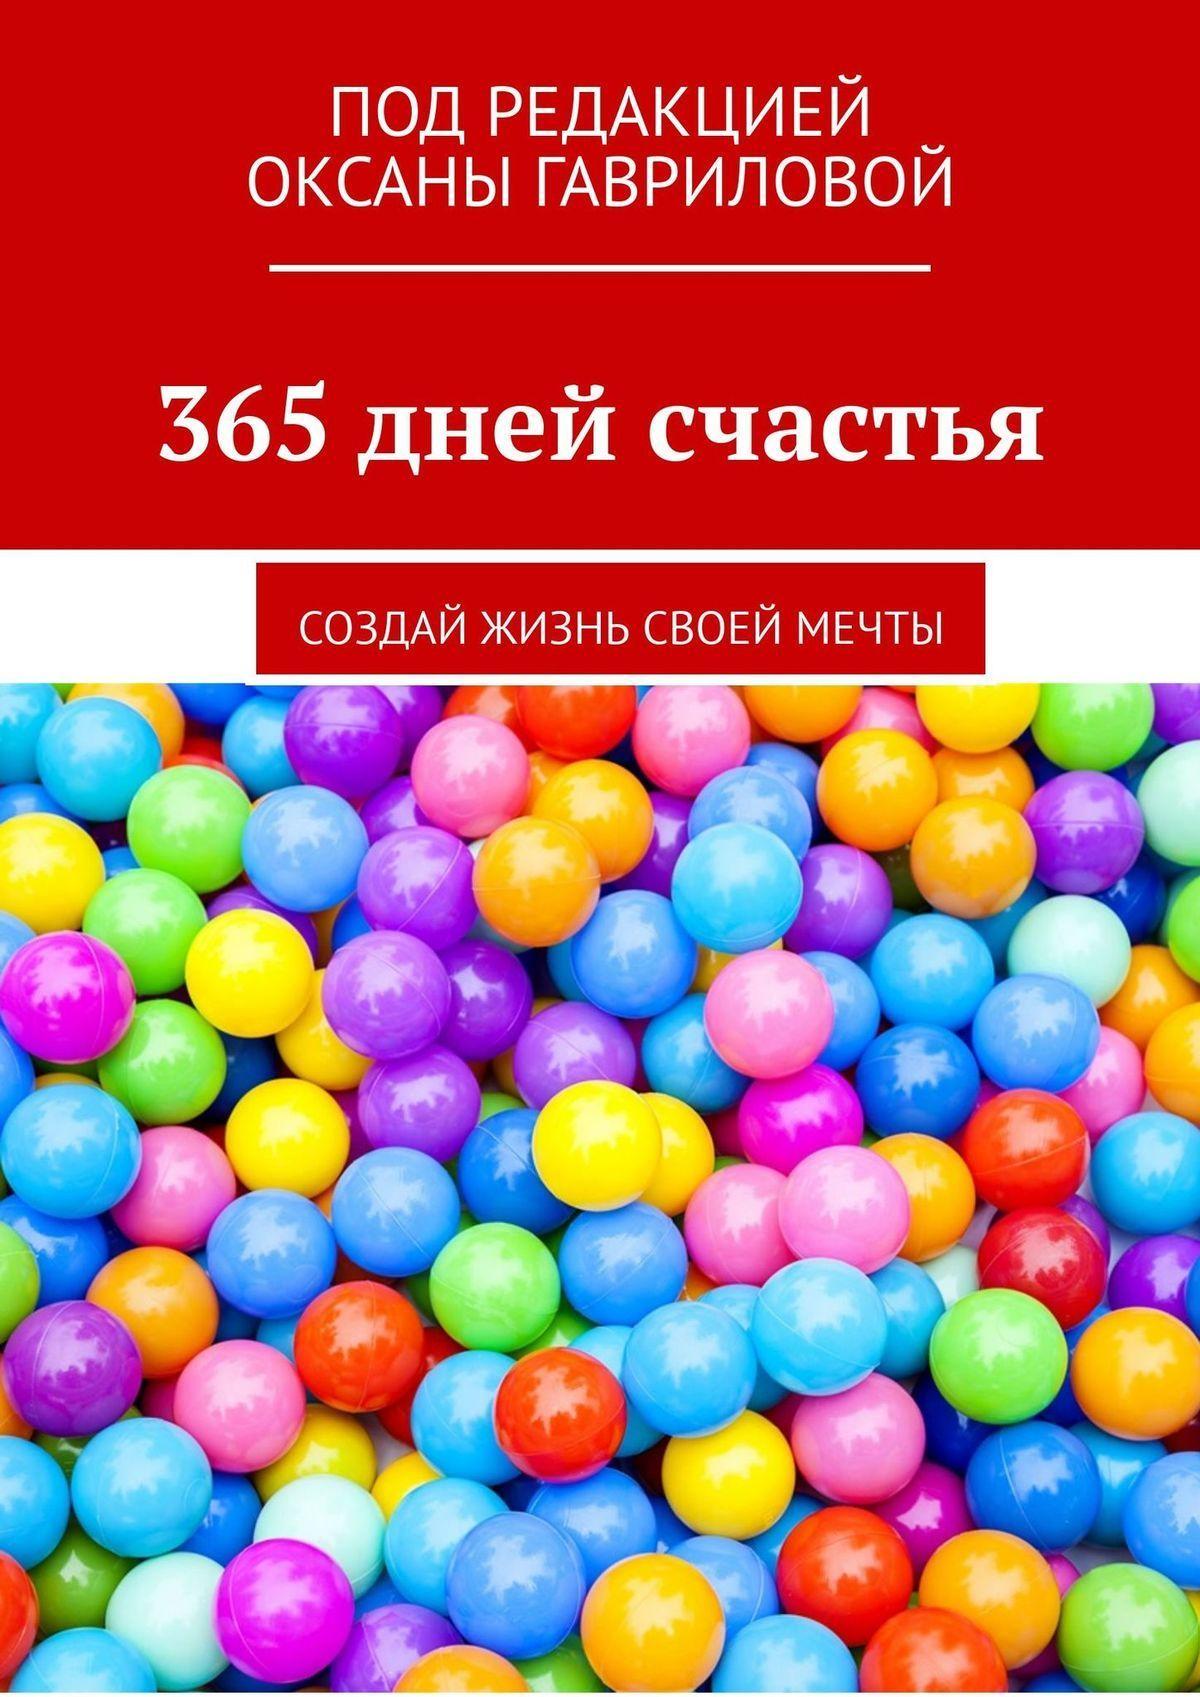 Оксана Гаврилова - 365 дней счастья. Создай жизнь своей мечты